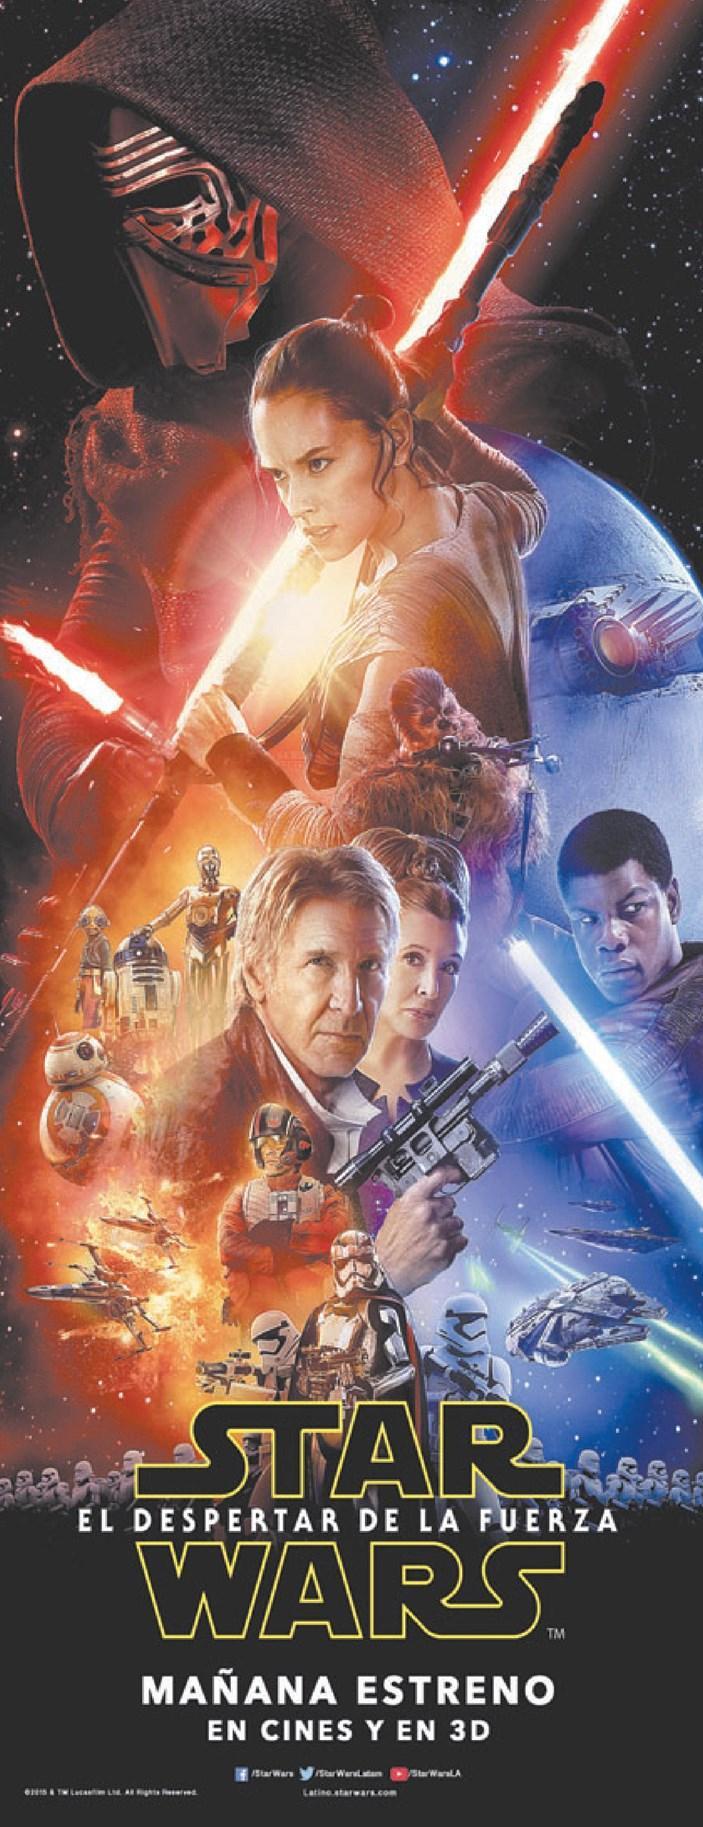 MAÑANA gran estreno mundial de STAR WARS el despetar de la fuerza